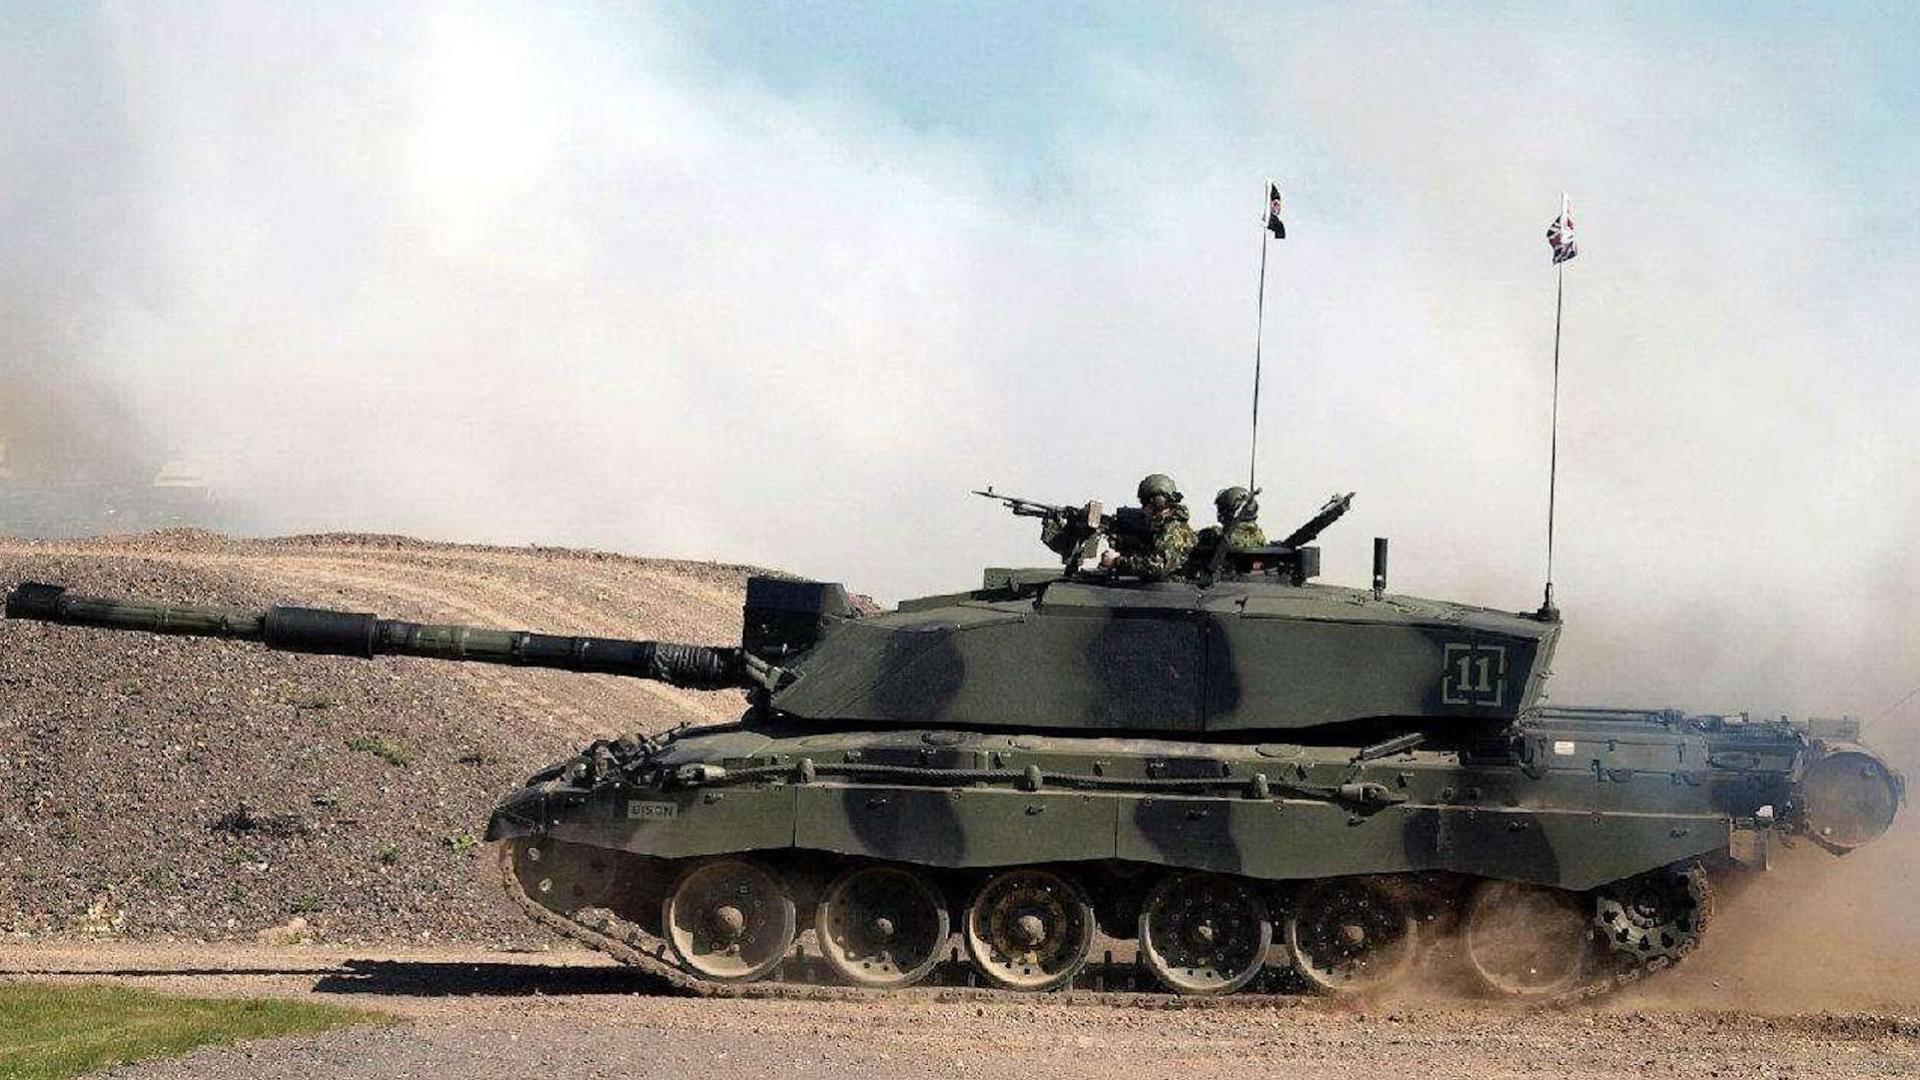 """揭秘英国最强坦克""""挑战者""""Ⅱ,能同时对付两个目标"""